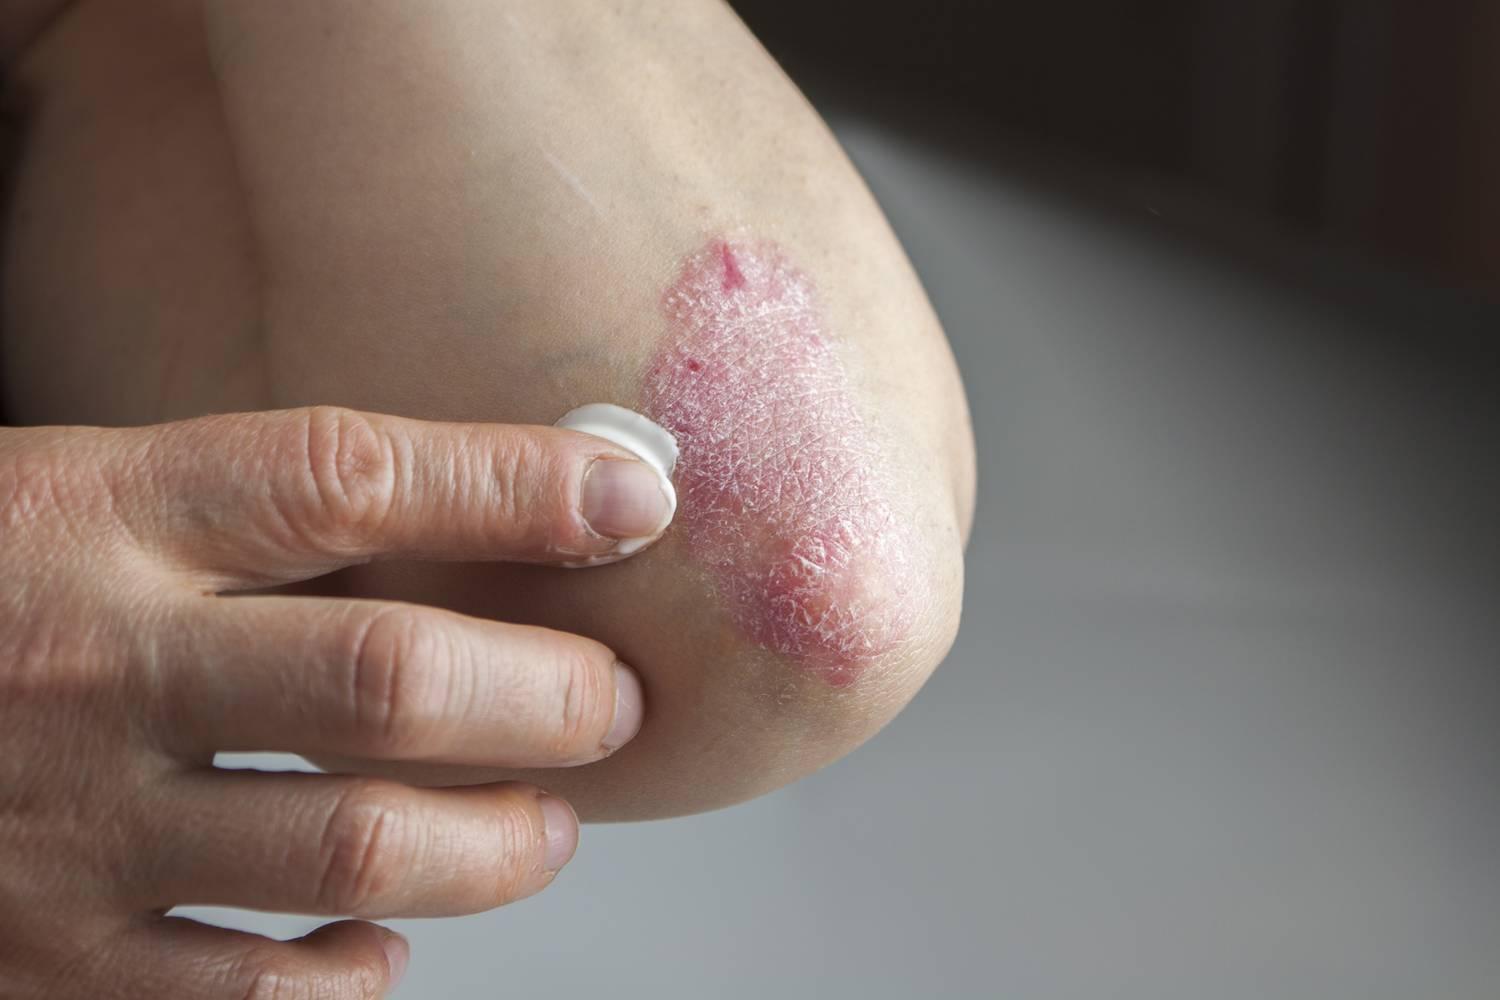 pikkelysömör betegség tüneteinek kezelése